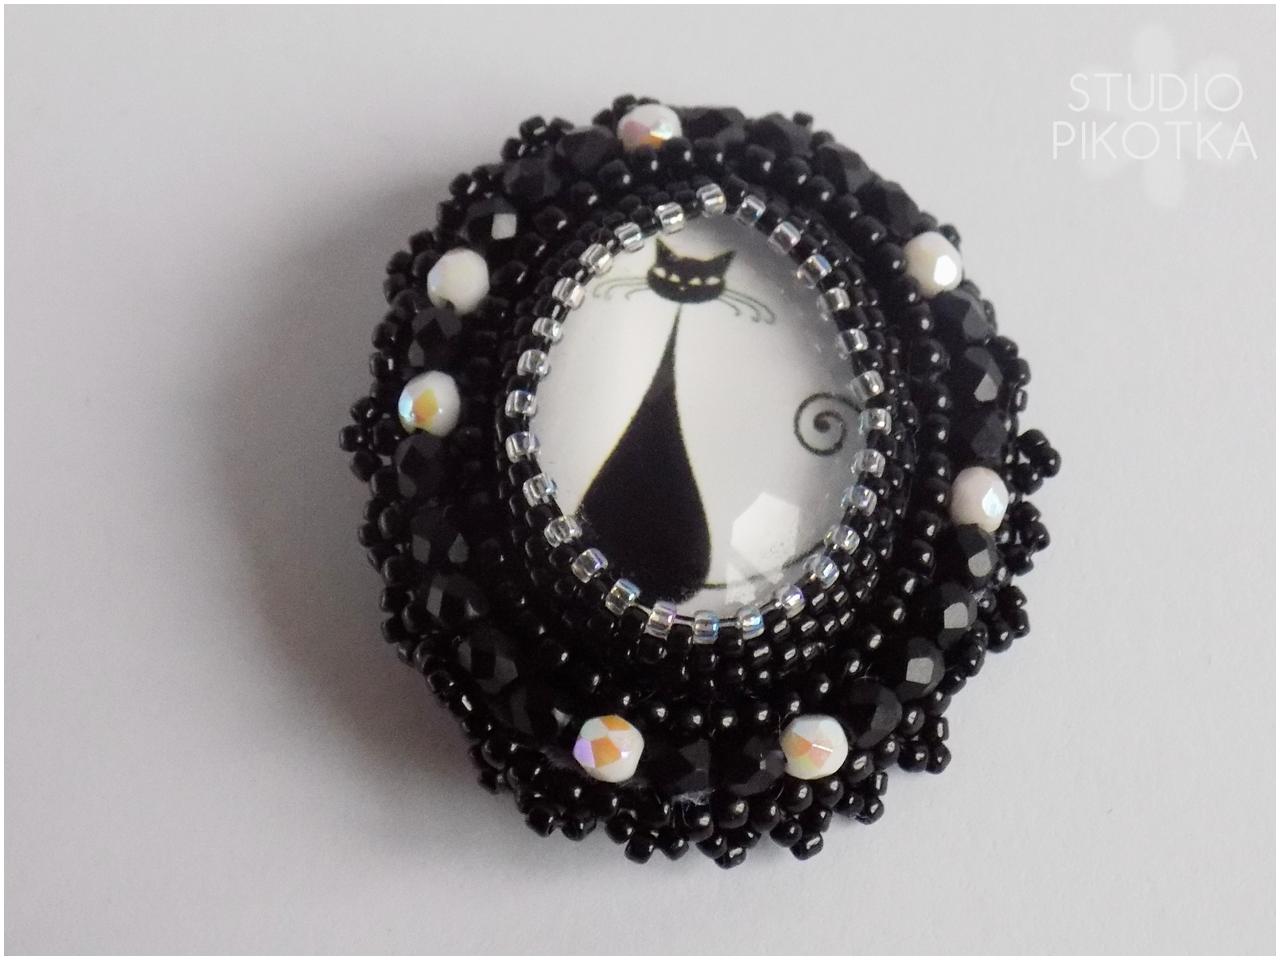 haft koralikowy, kaboszon, broszka, handmade, rękodzieło, biżuteria, koraliki toho, koraliki fire polish, toho round, kot,